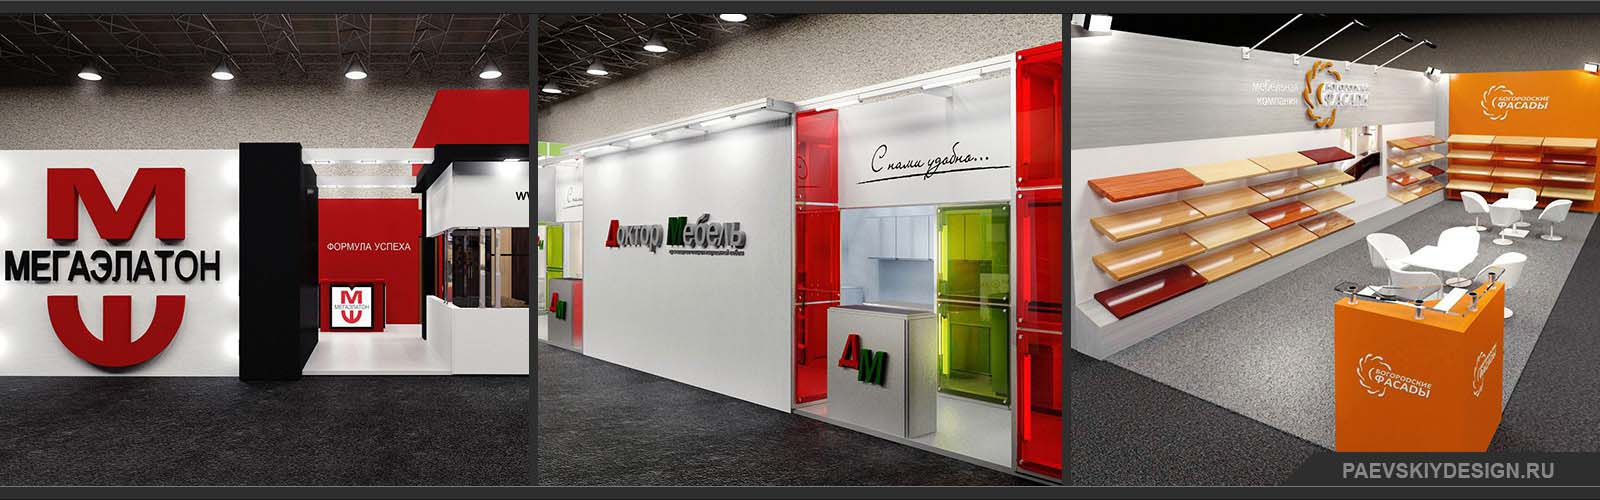 Дизайн шоурумов, торговых павильонов, бутиков, выставочных стендов в Москве